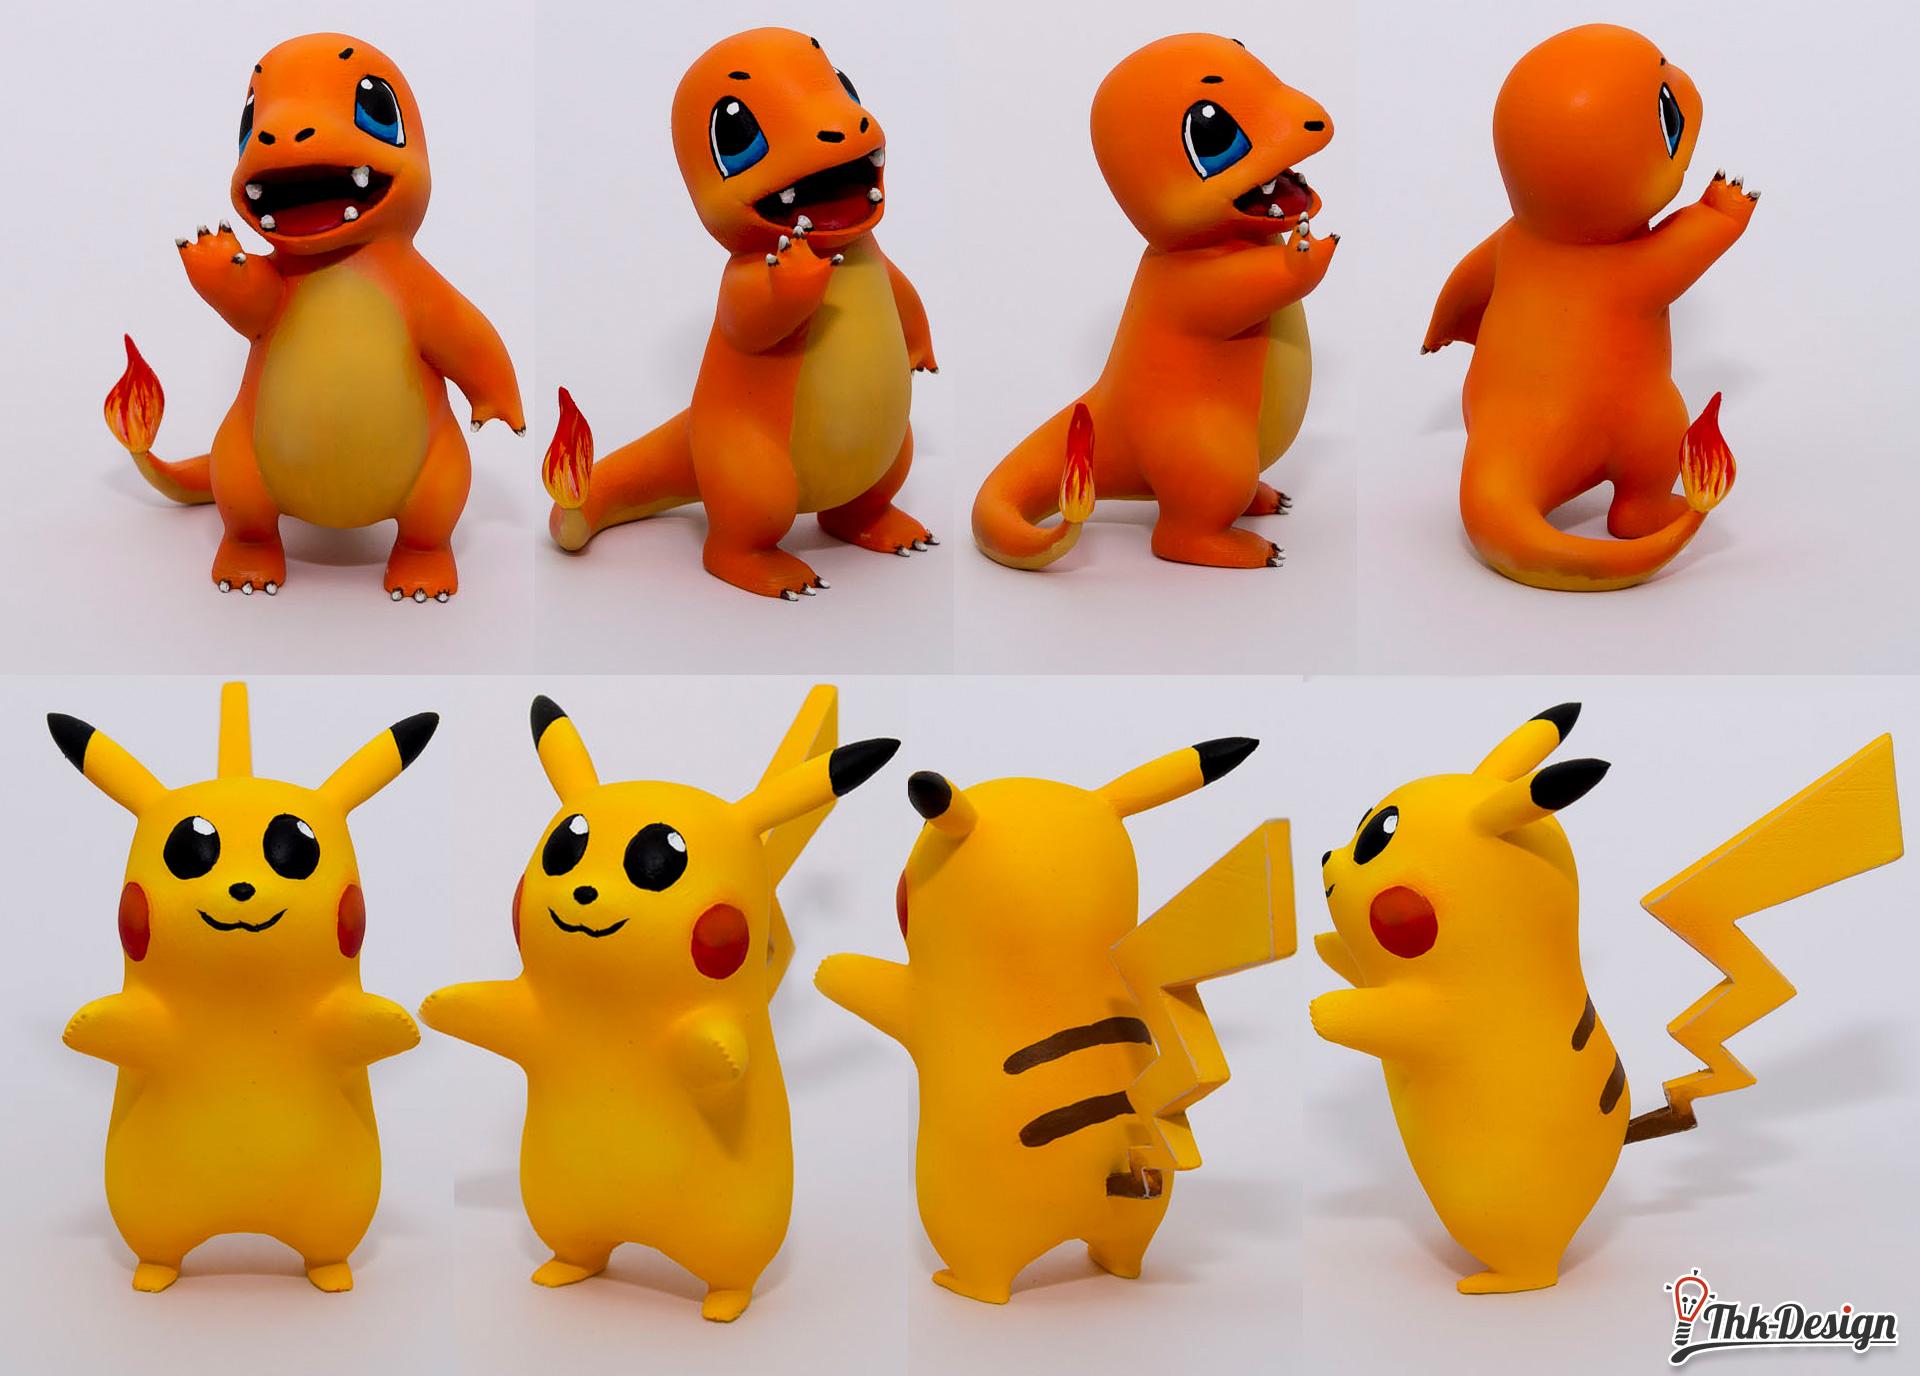 Die fertigen Pokemon Glumanda und Pikachu